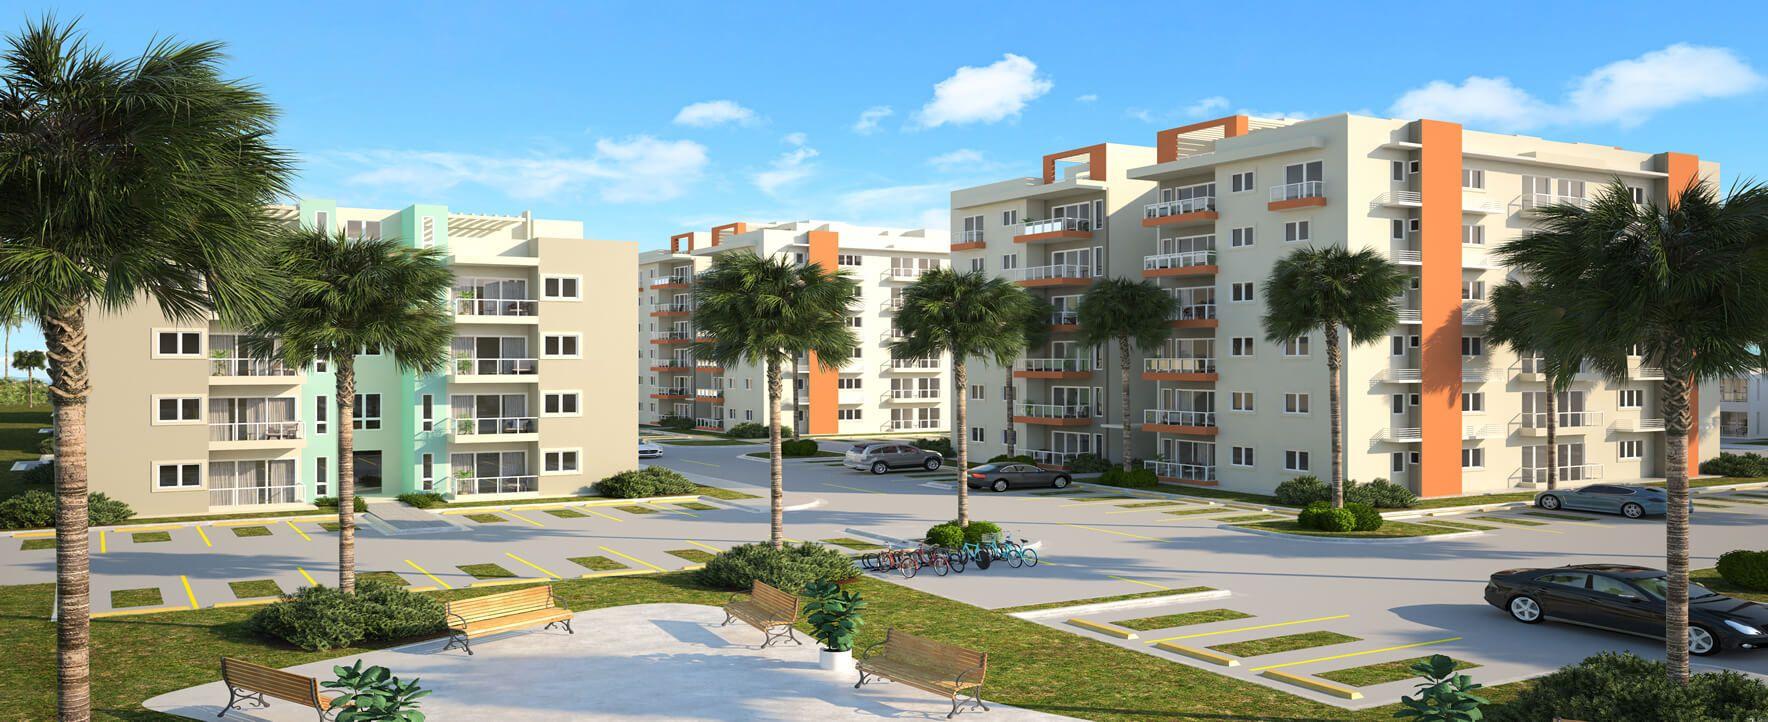 Crisfer Apartamentos en Punta Cana Inmobiliaria